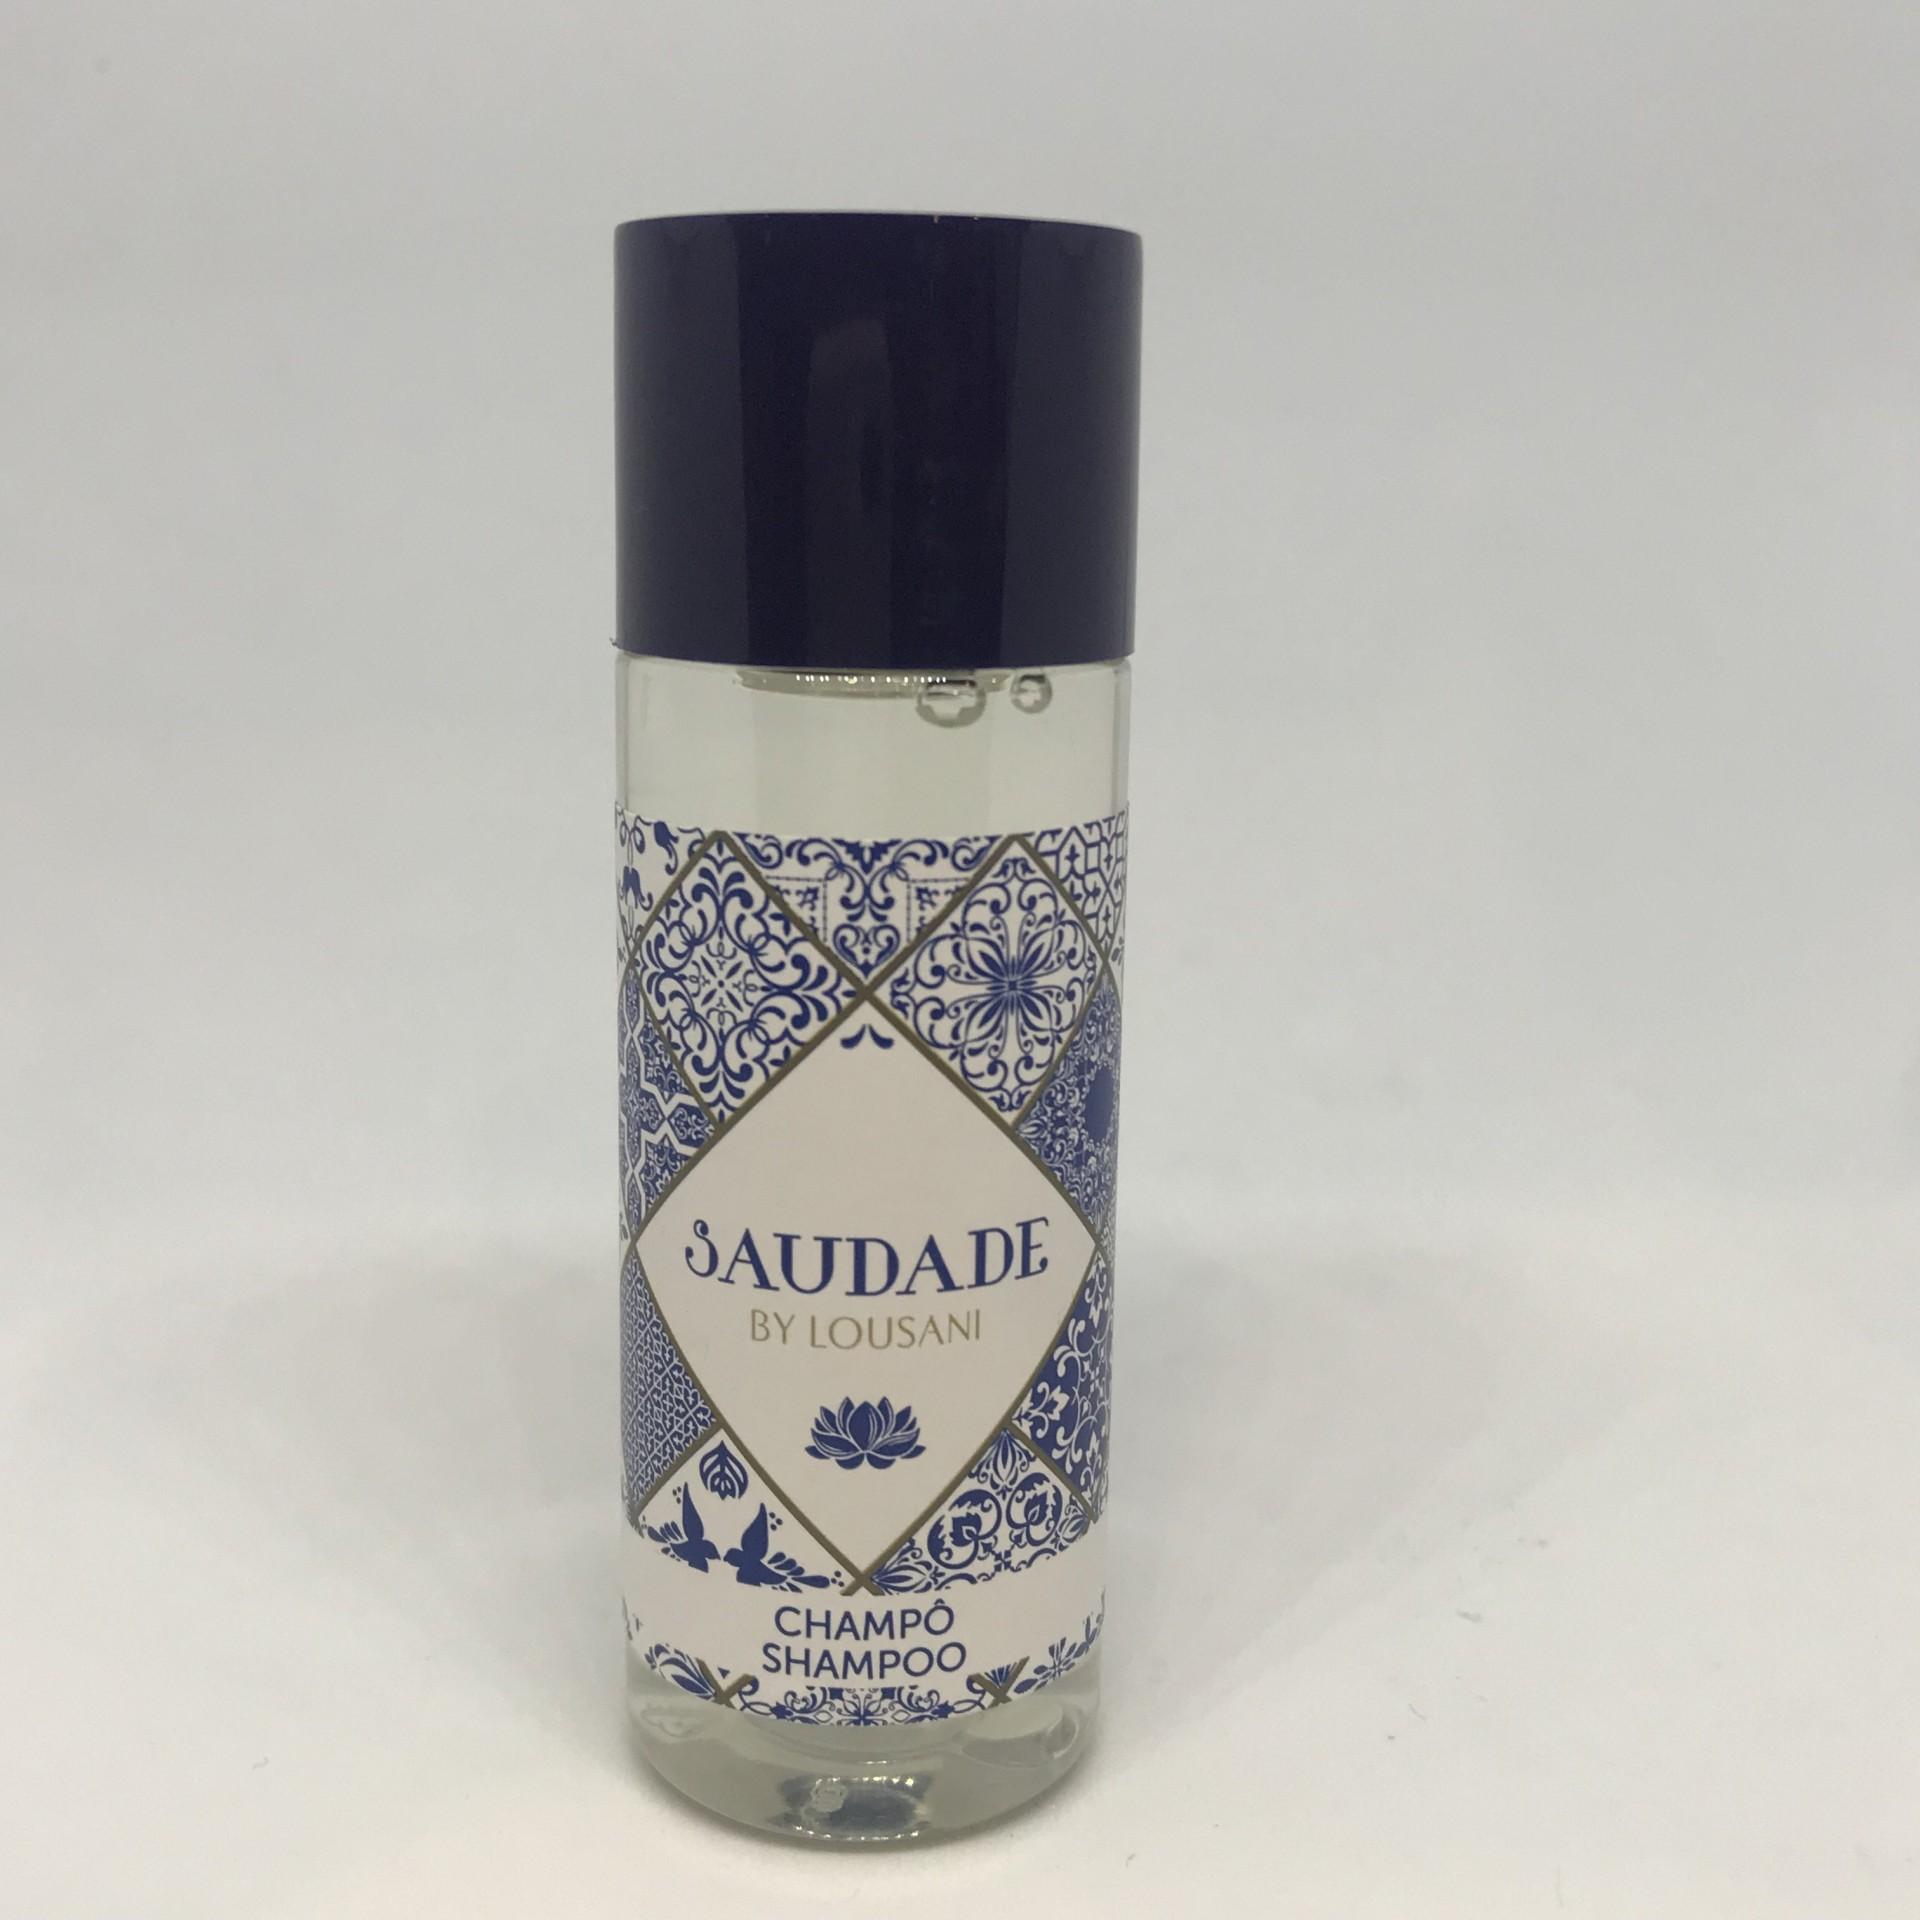 Champô em frasco 30ml - Gama Saudade (46 unidades)